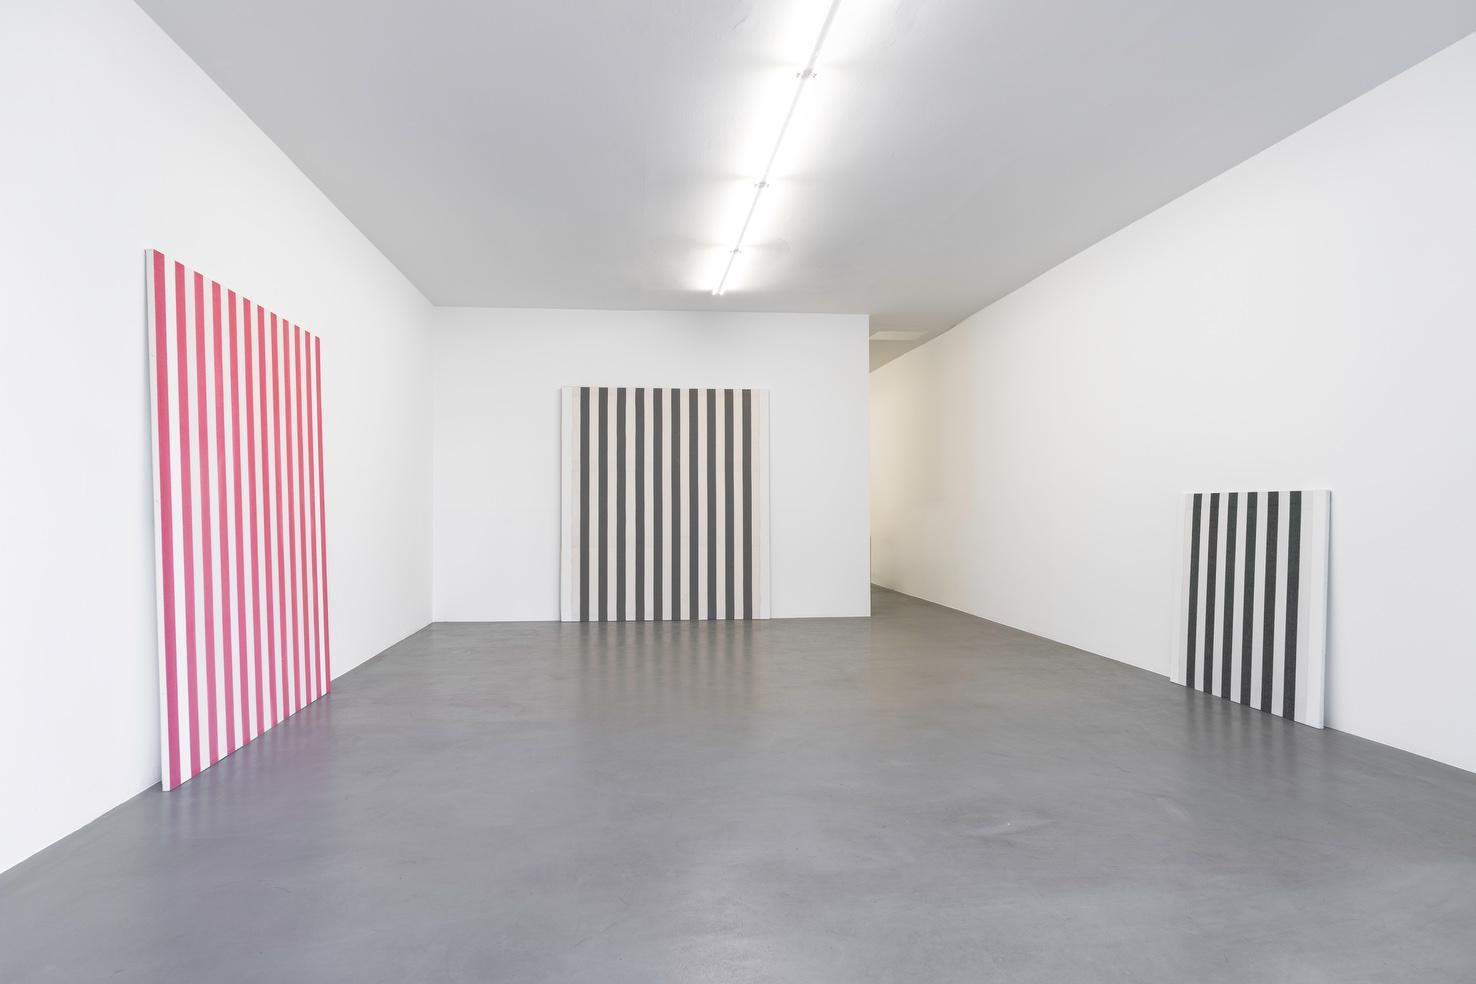 Installation view Daniel Buren - Peintures 1966-1969, Travaux Situés 2016, Buchmann Box